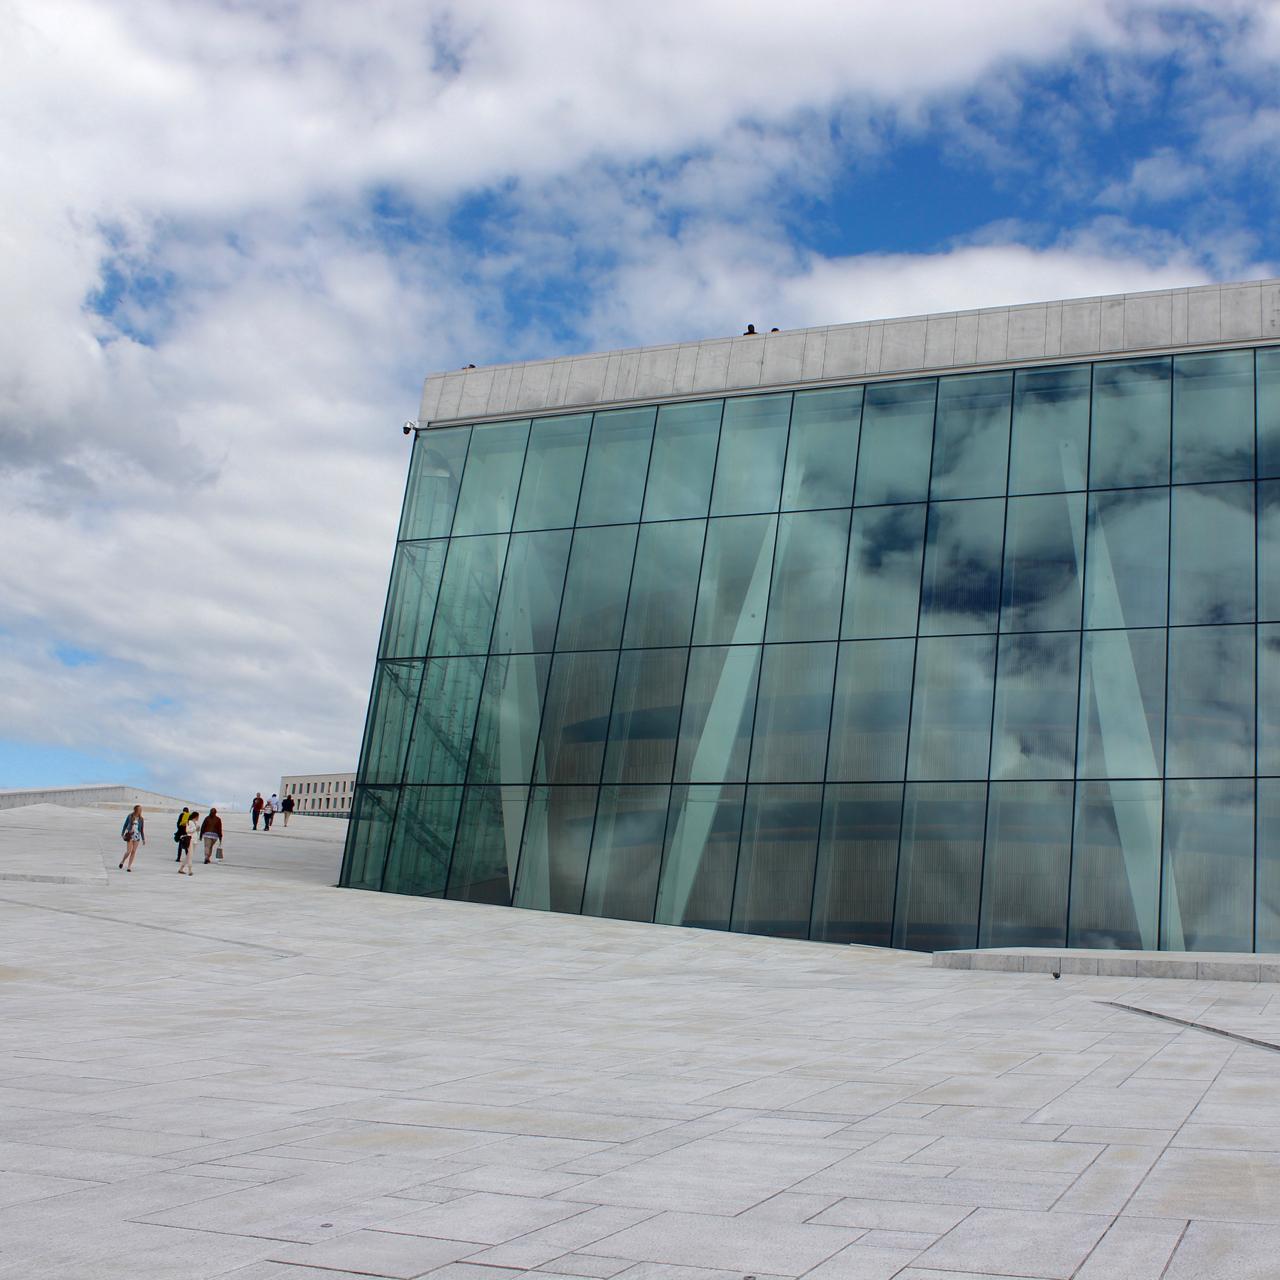 Oslo, Norway - 5